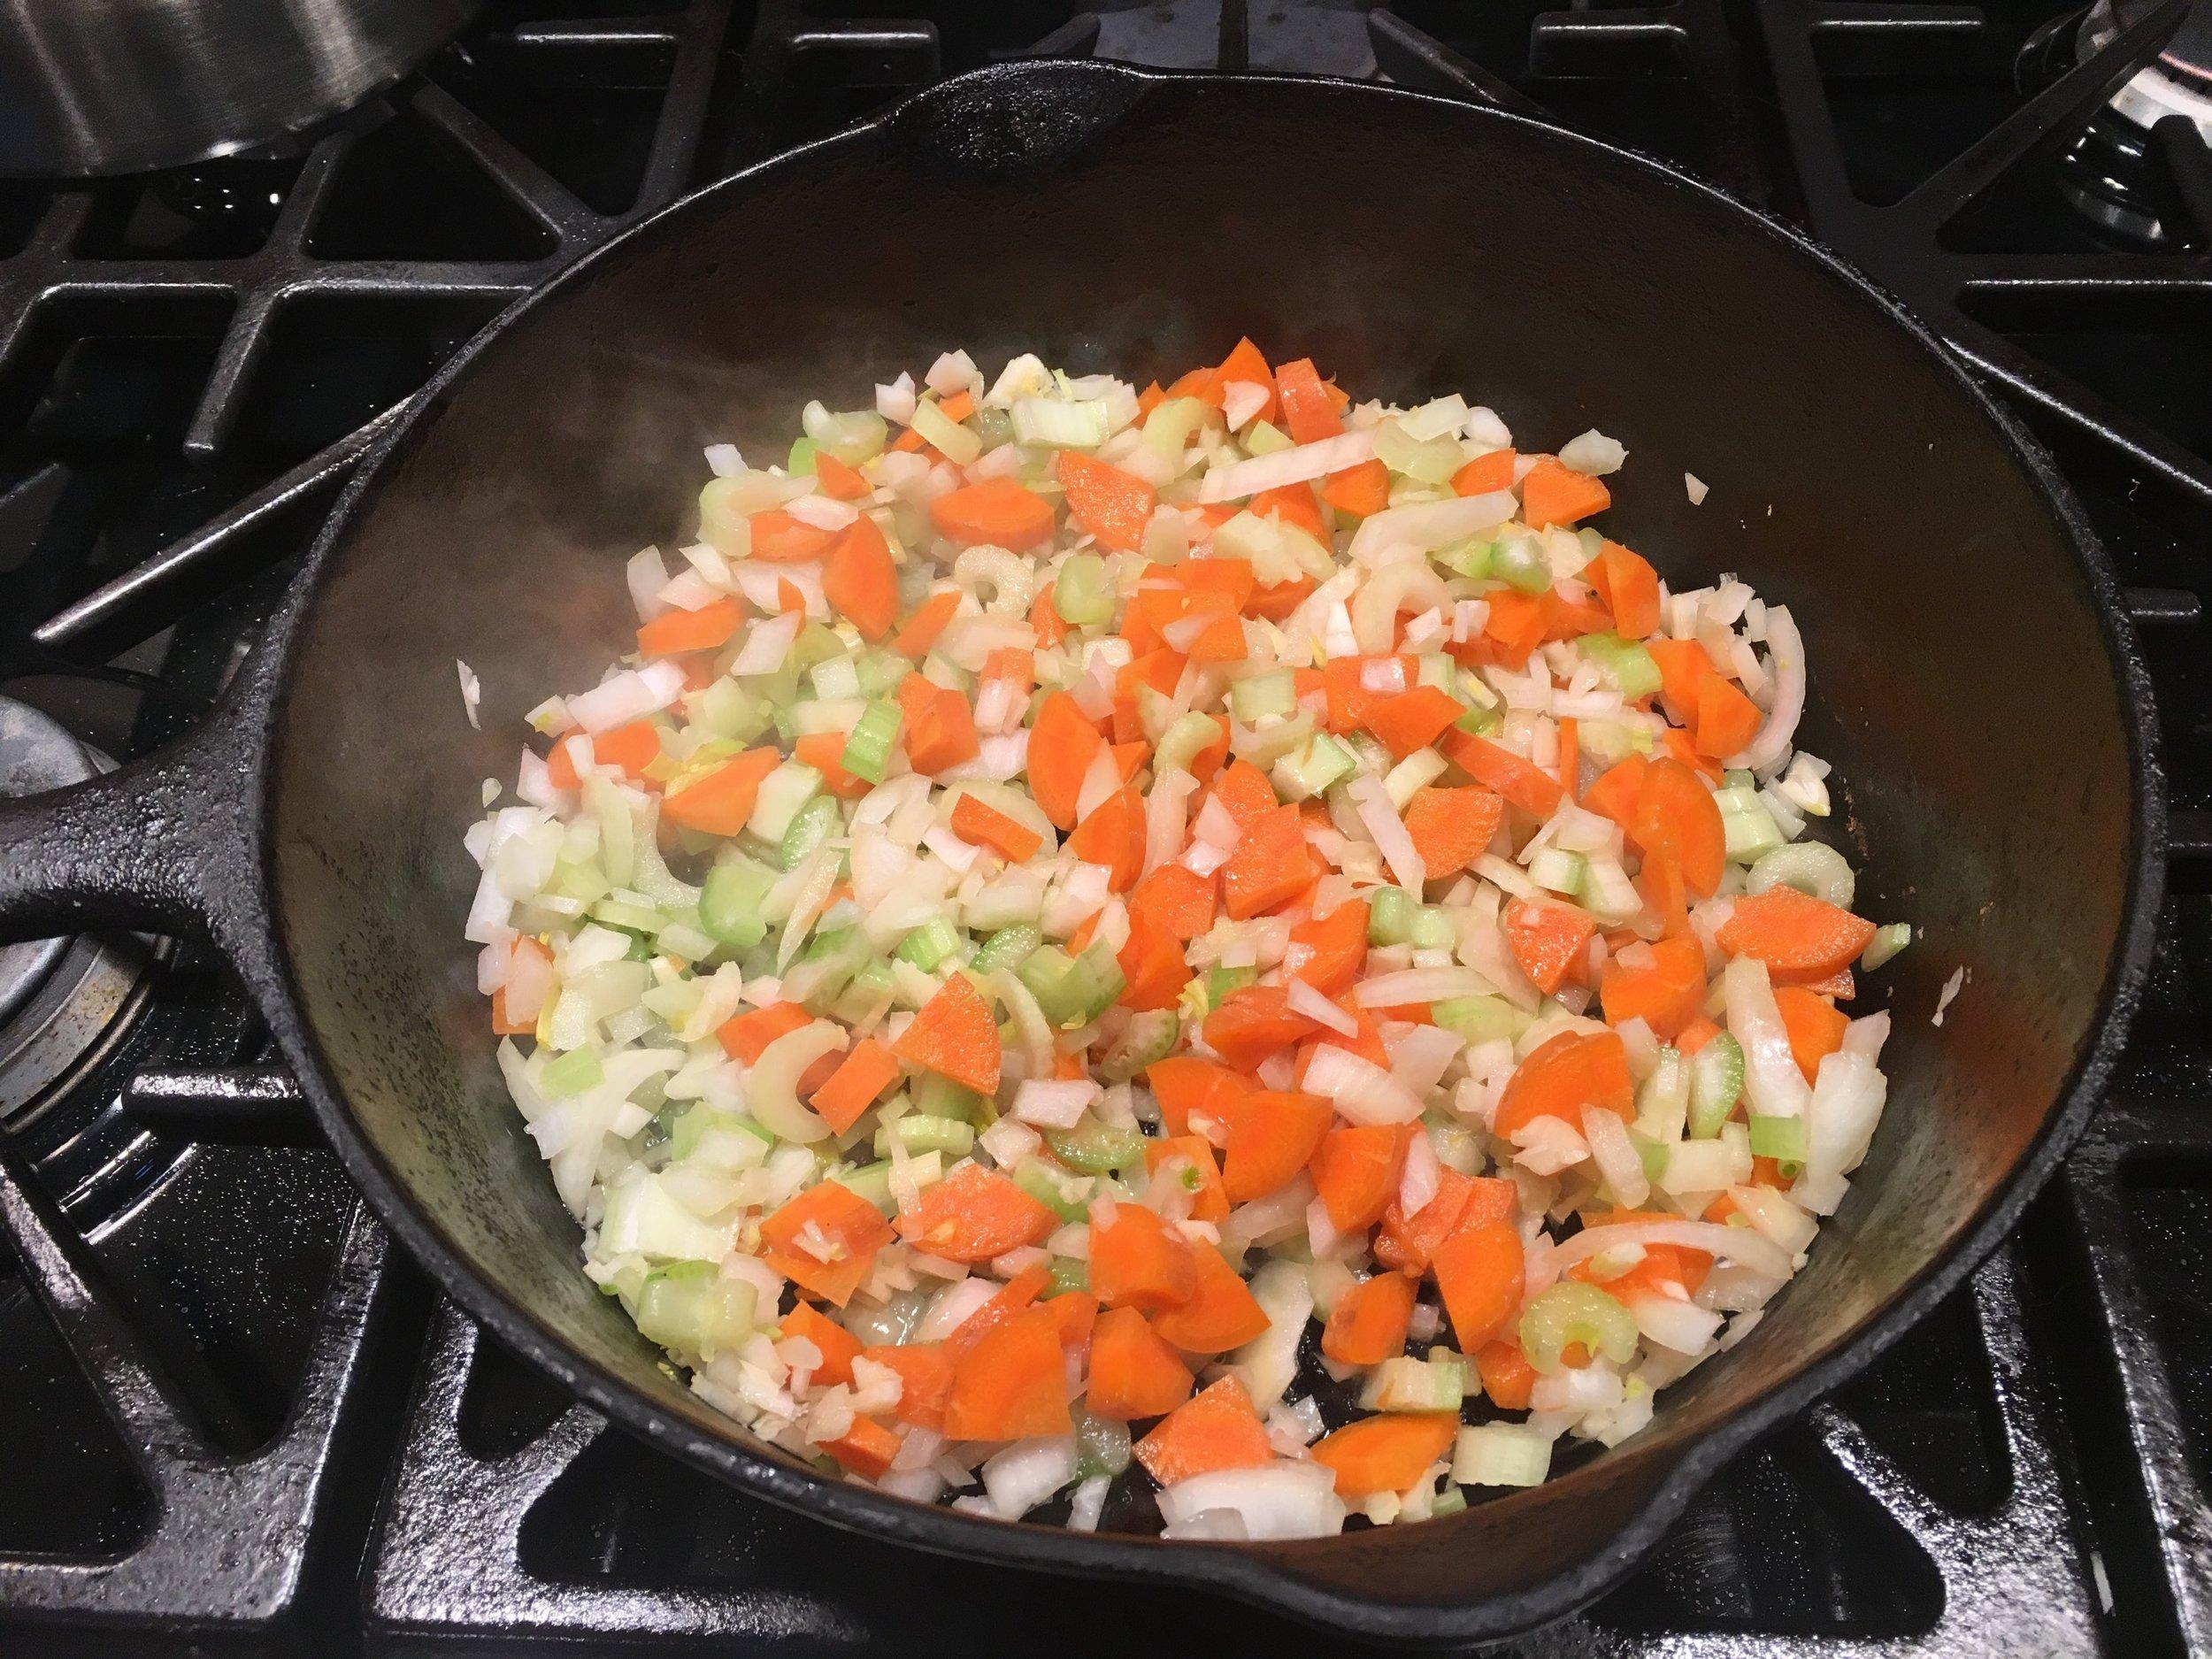 mirepoix cooking.JPG